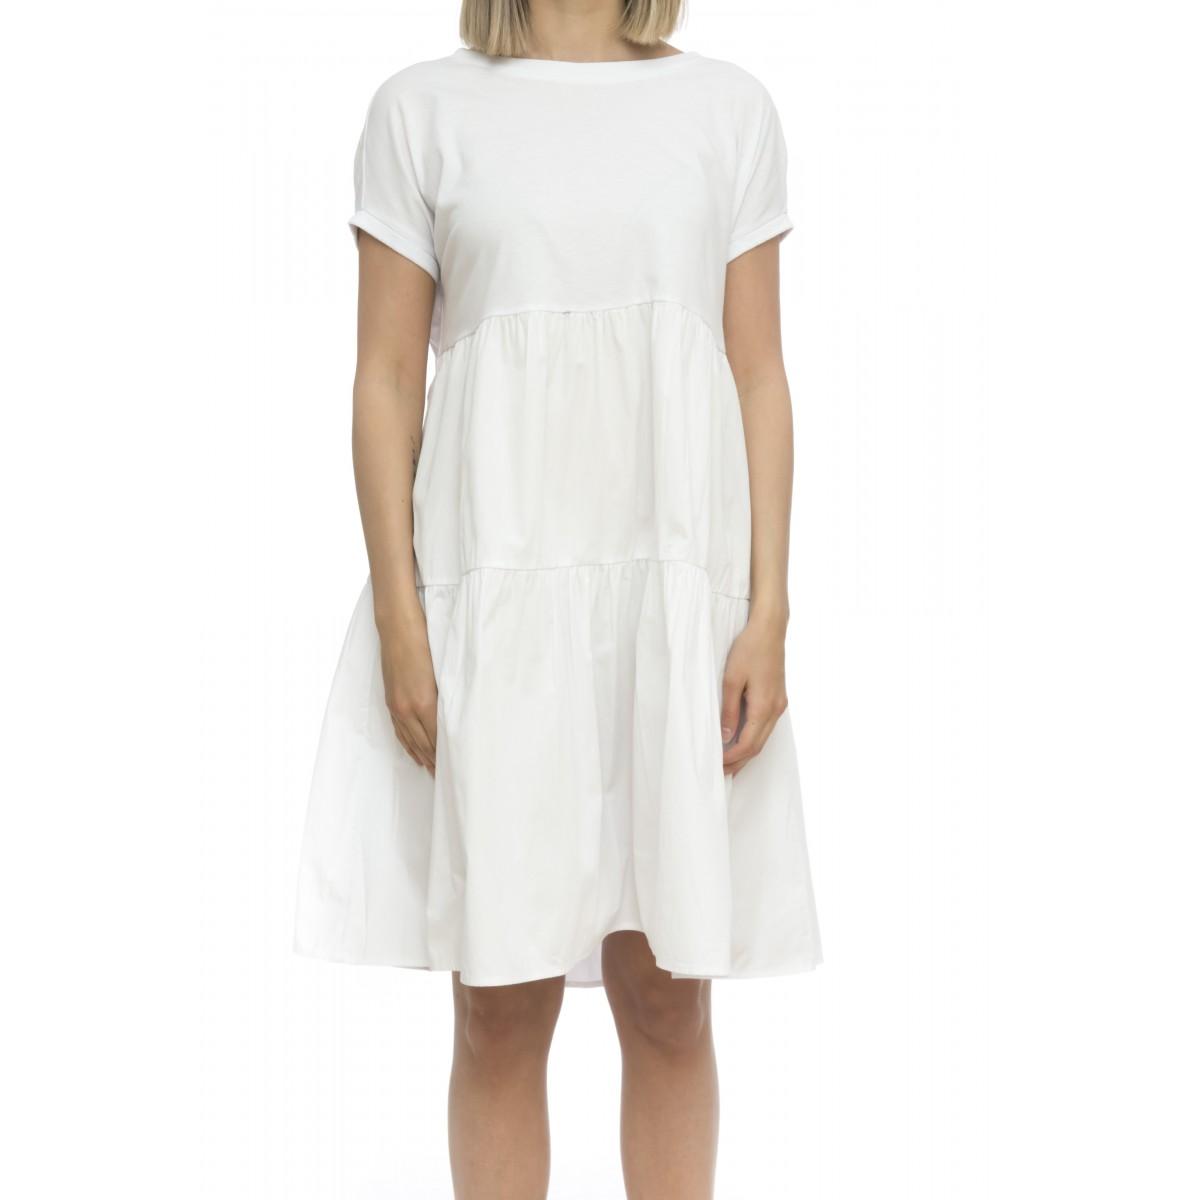 Vestito - T19216 vestito maglina piu tela